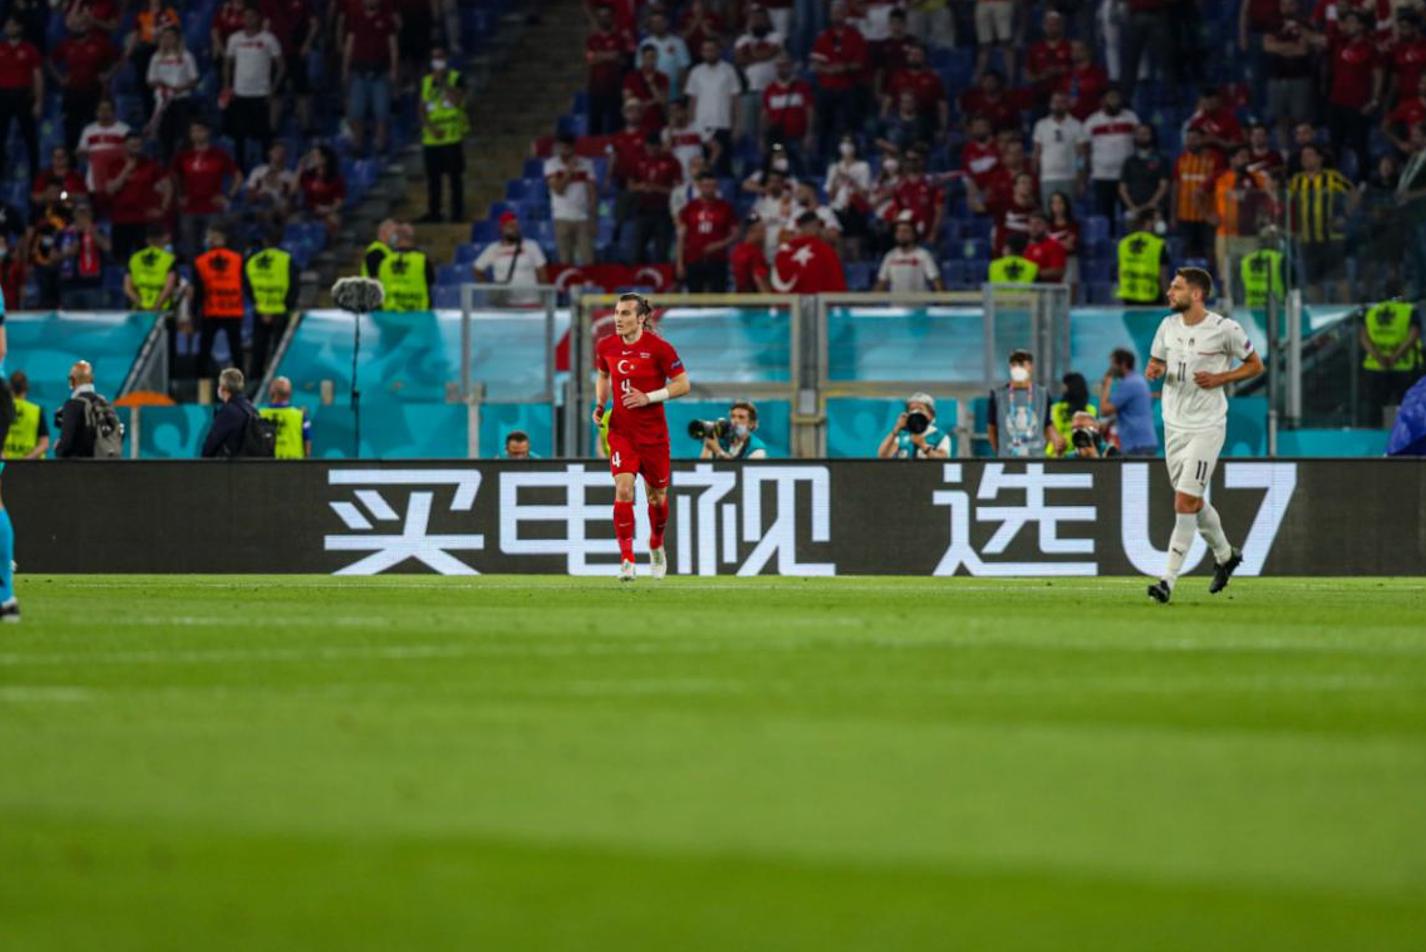 """欧洲杯凌晨开幕,刷屏的""""U7""""是个啥?"""